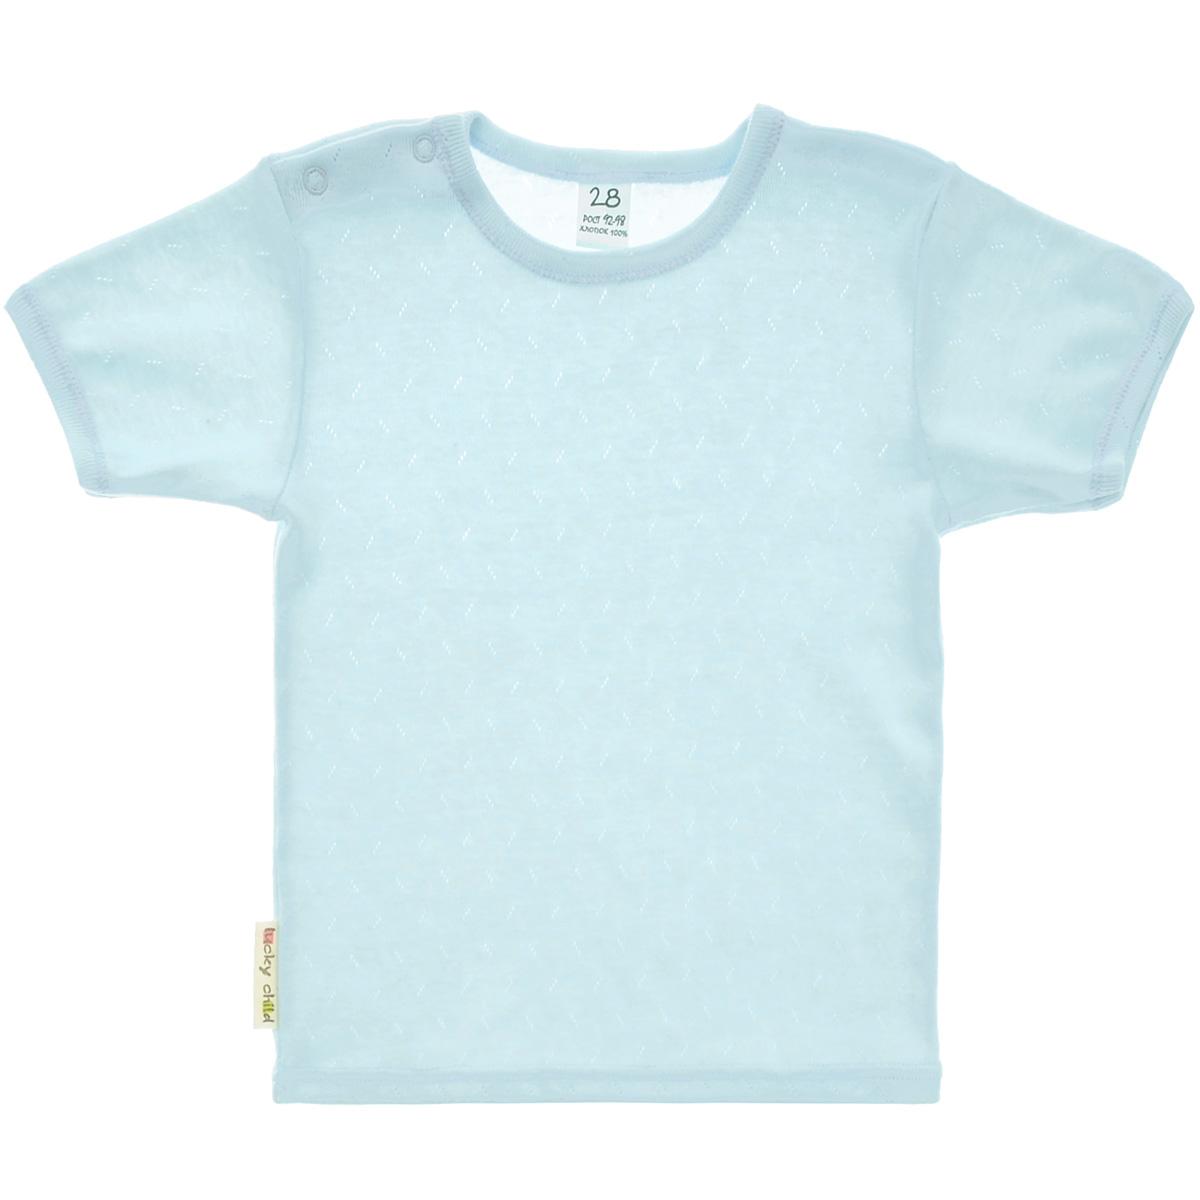 Футболка детская Lucky Child Ажур, цвет: голубой. 0-26. Размер 62/680-26Футболка для новорожденного Lucky Child послужит идеальным дополнением к гардеробу вашего малыша, обеспечивая ему наибольший комфорт. Изготовленная из натурального хлопка, она необычайно мягкая и легкая, не раздражает нежную кожу ребенка и хорошо вентилируется, а эластичные швы приятны телу малыша и не препятствуют его движениям. Футболка с короткими рукавами, выполненная из ткани с ажурным узором, имеет кнопки по плечу, которые позволяют без труда переодеть младенца. Футболка полностью соответствует особенностям жизни ребенка в ранний период, не стесняя и не ограничивая его в движениях.